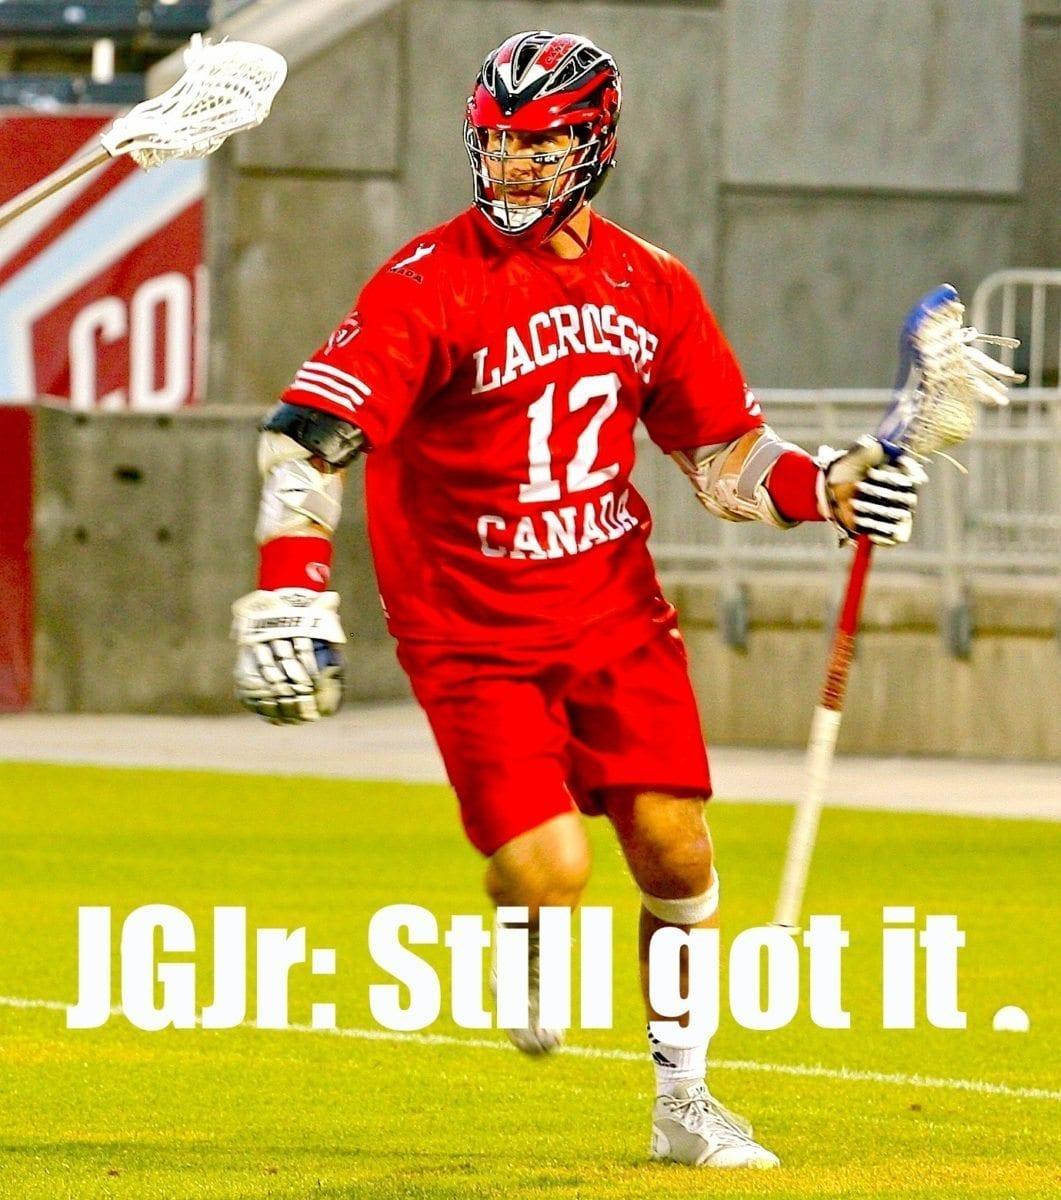 john_grant_jr_canada_lacrosse close up copy2